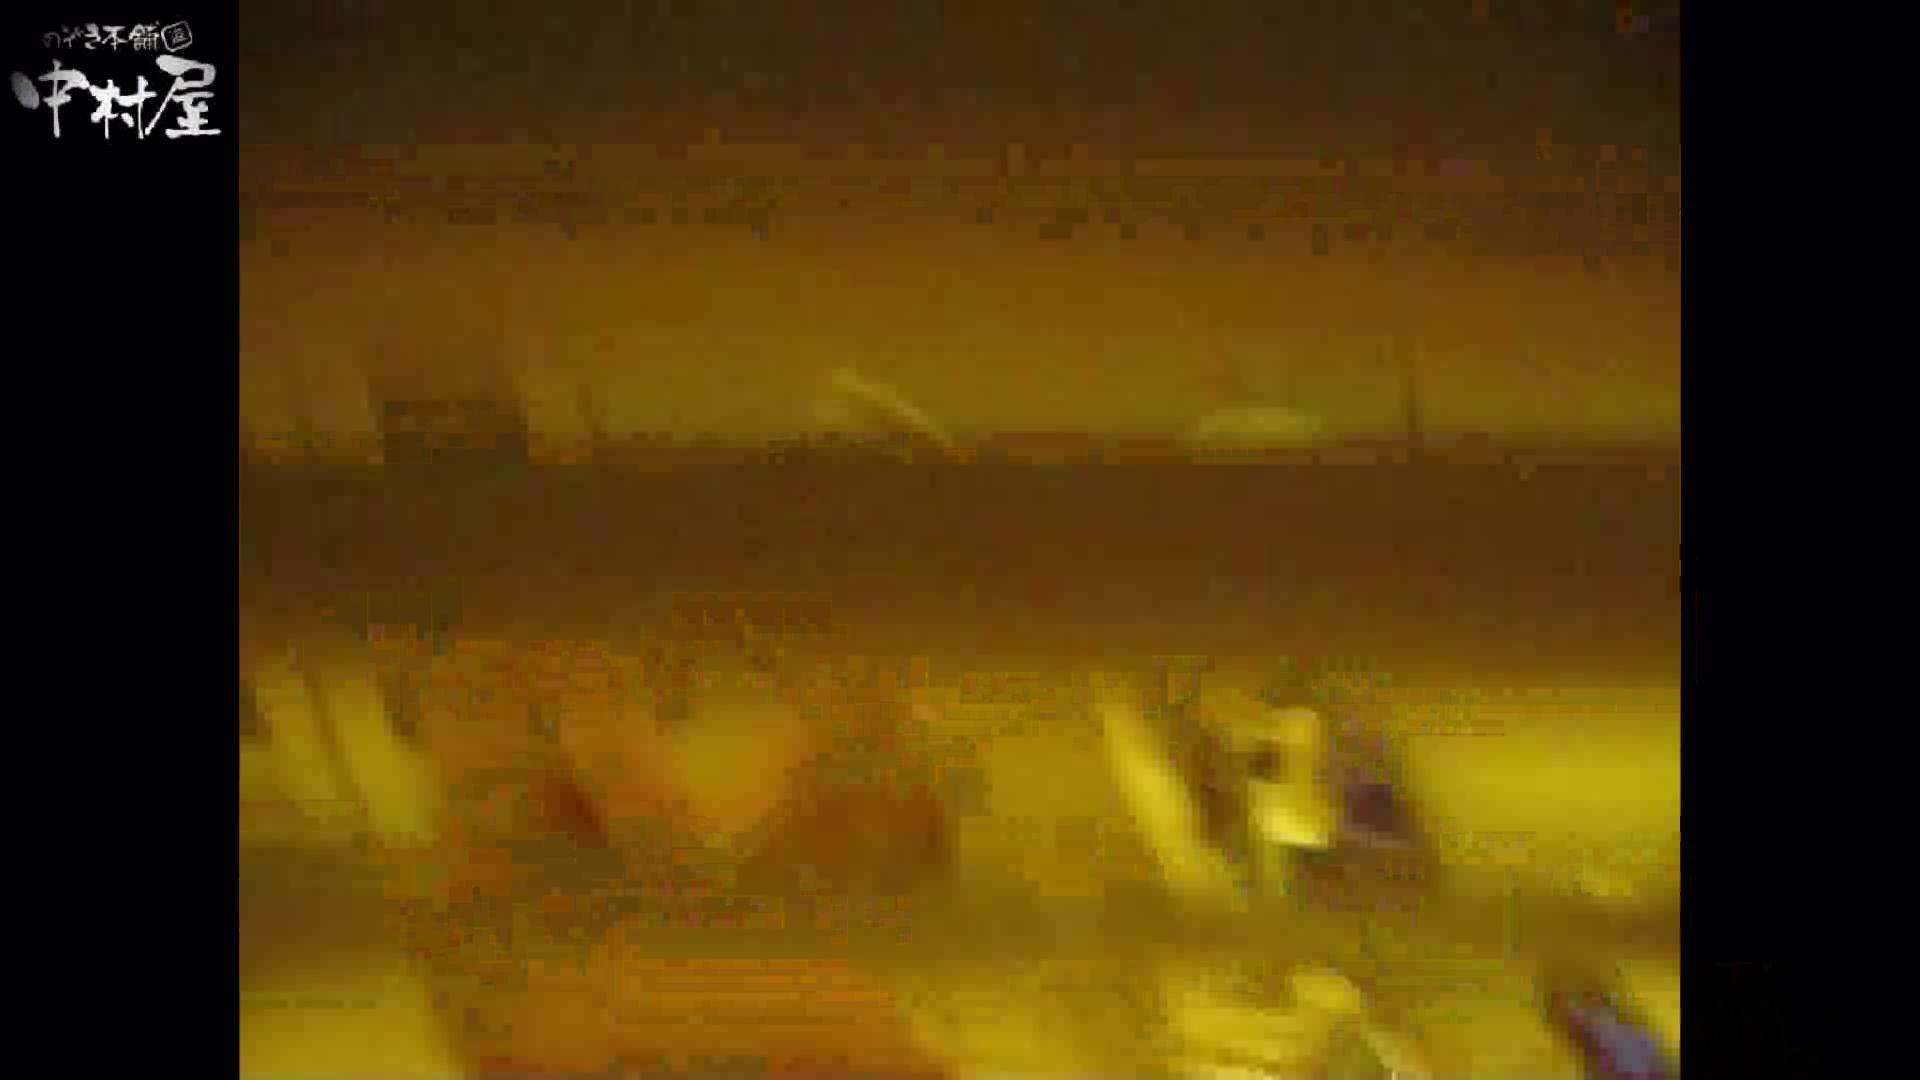 民家風呂専門盗撮師の超危険映像 vol.008 美女丸裸 のぞき動画画像 94pic 75